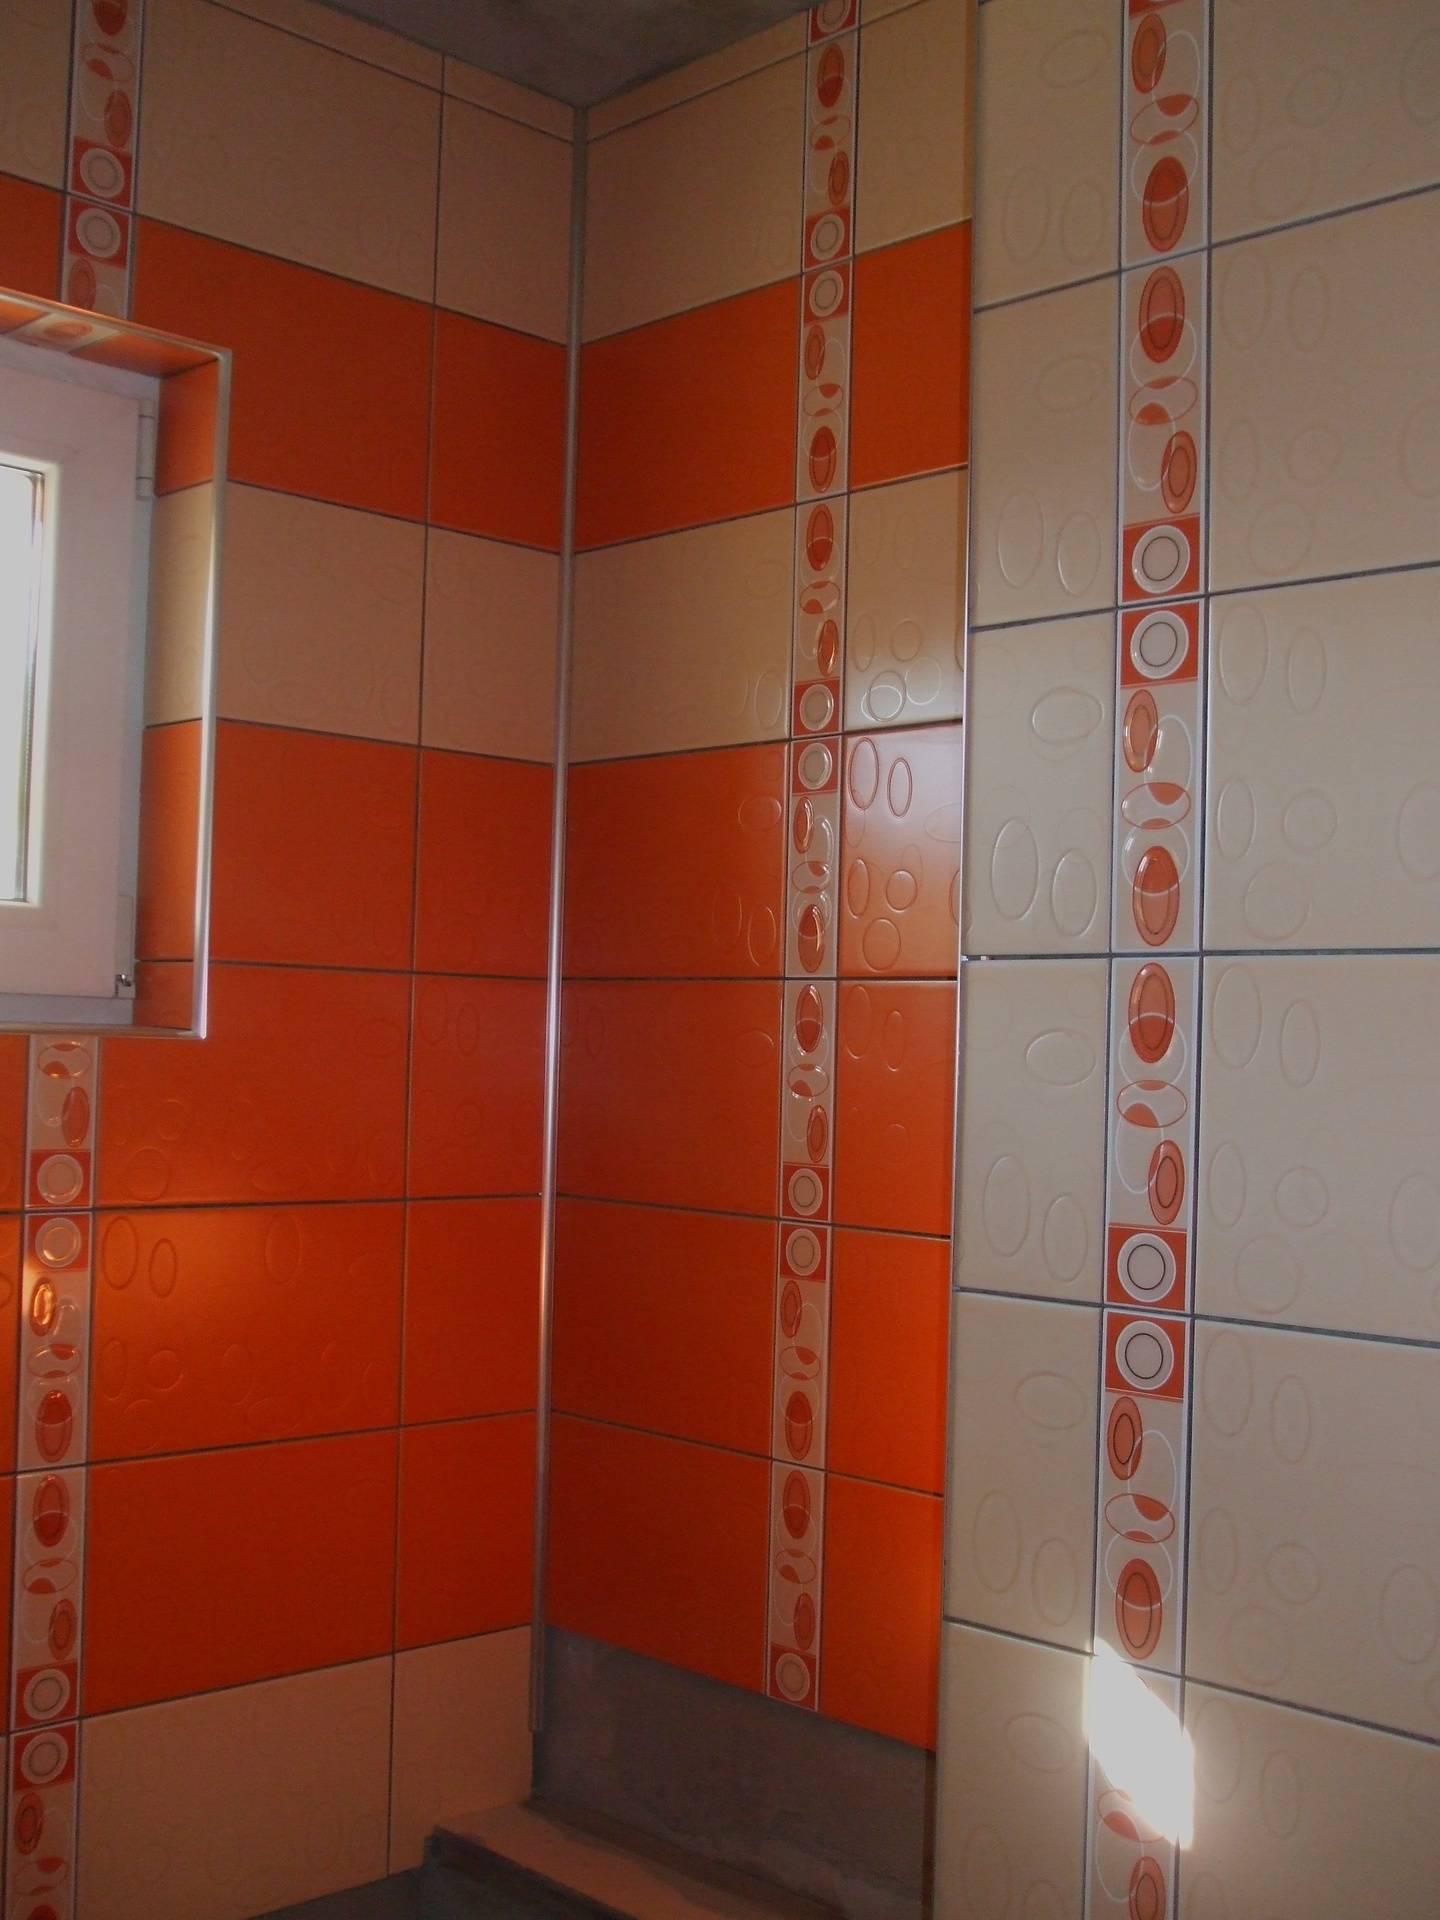 Baie cu faianta portocalie si crem delimitate de brau faianta,design placare faianta fasii orizontale